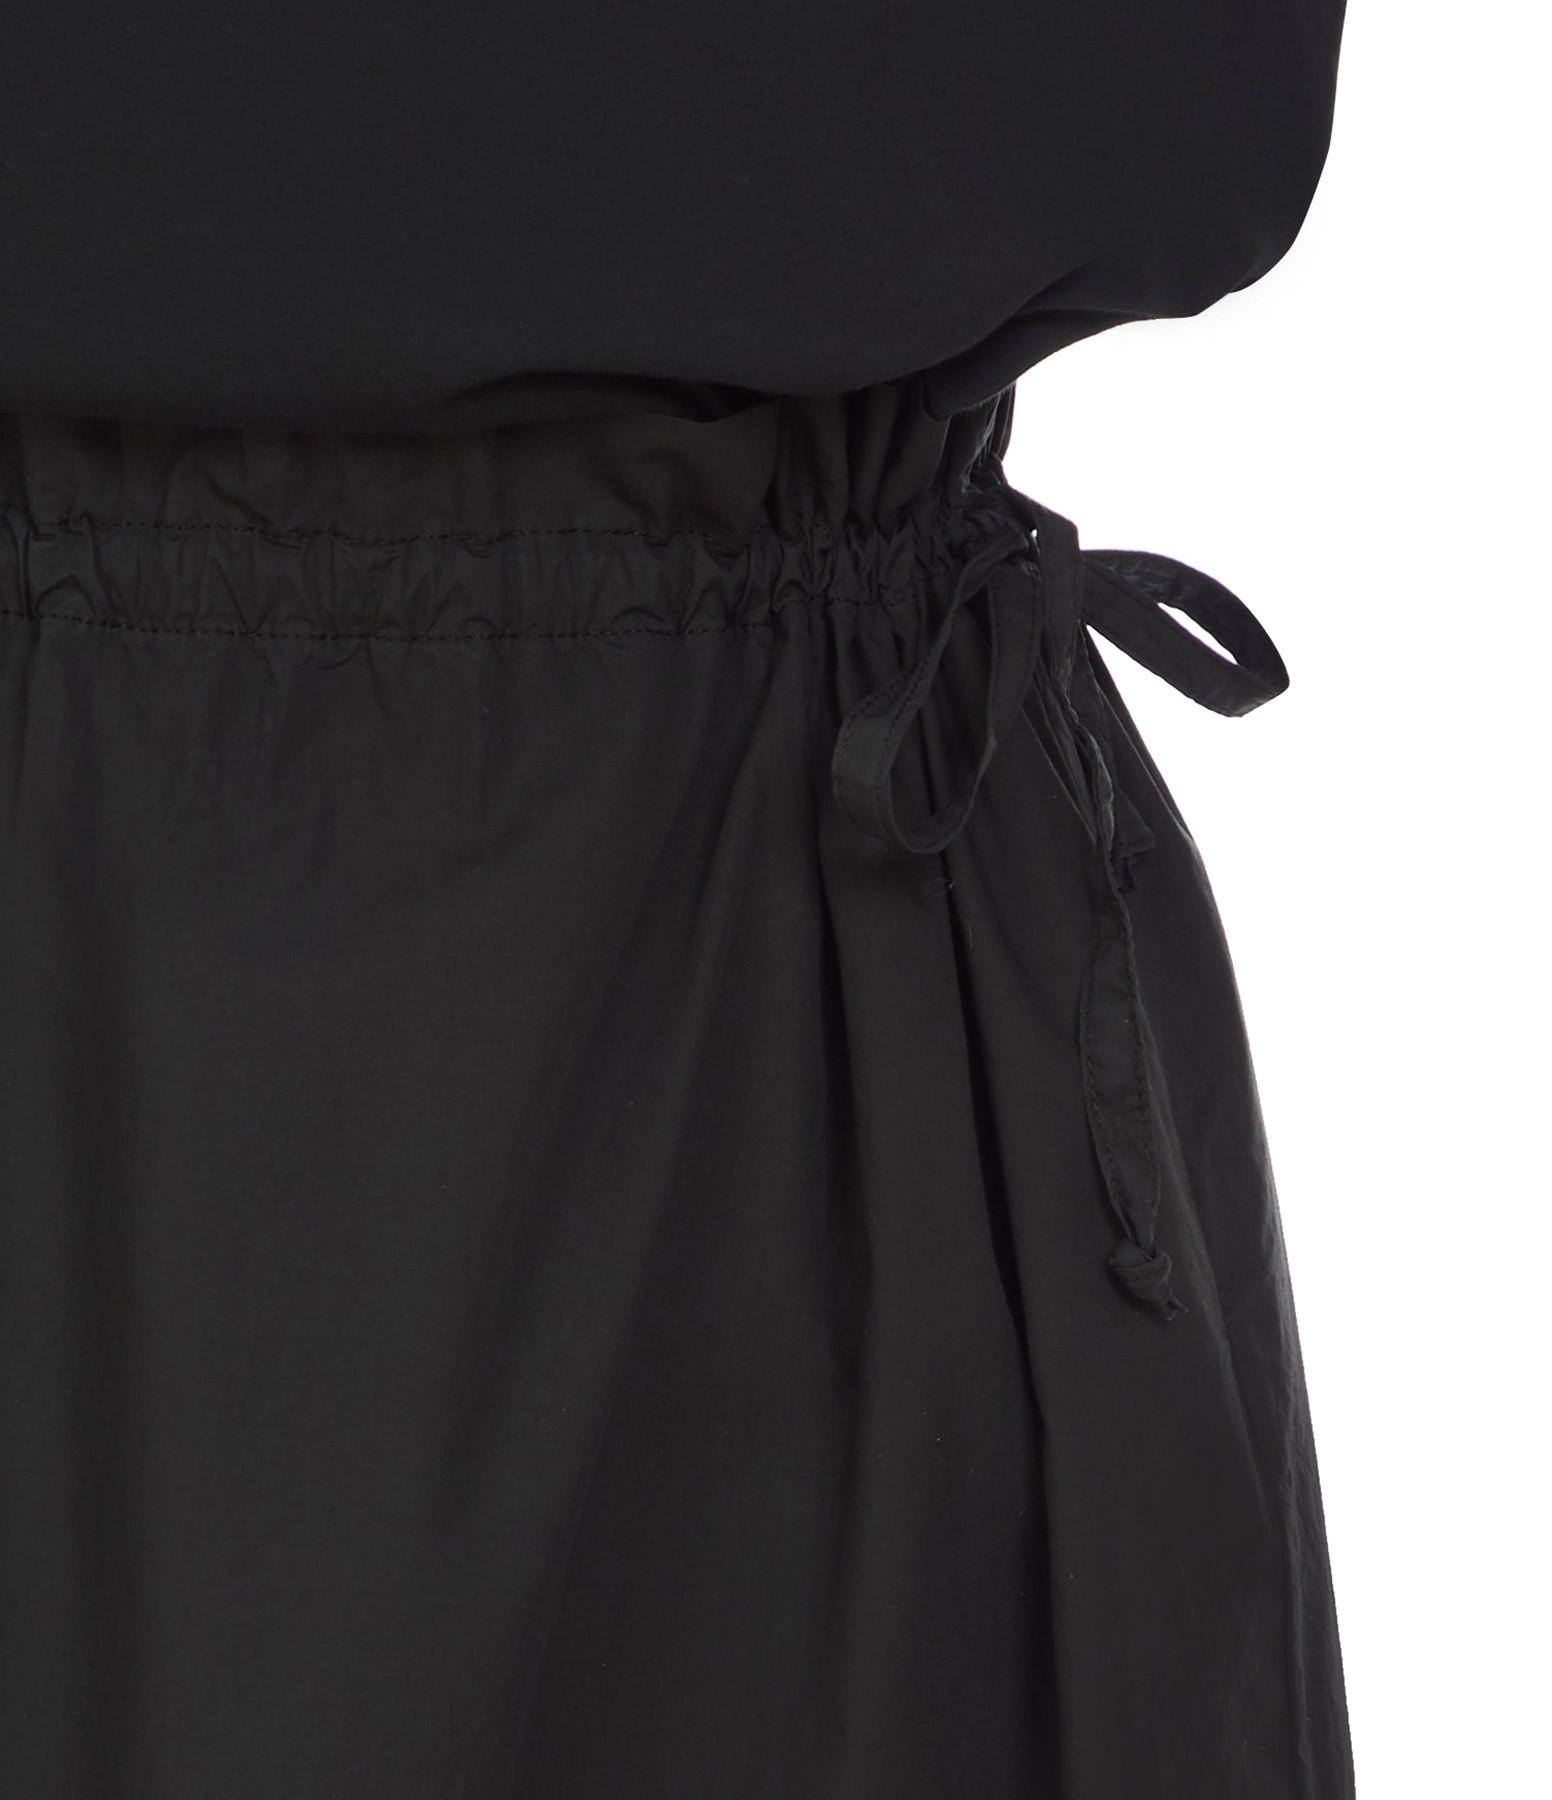 ROBERTO COLLINA - Robe Coton Noir